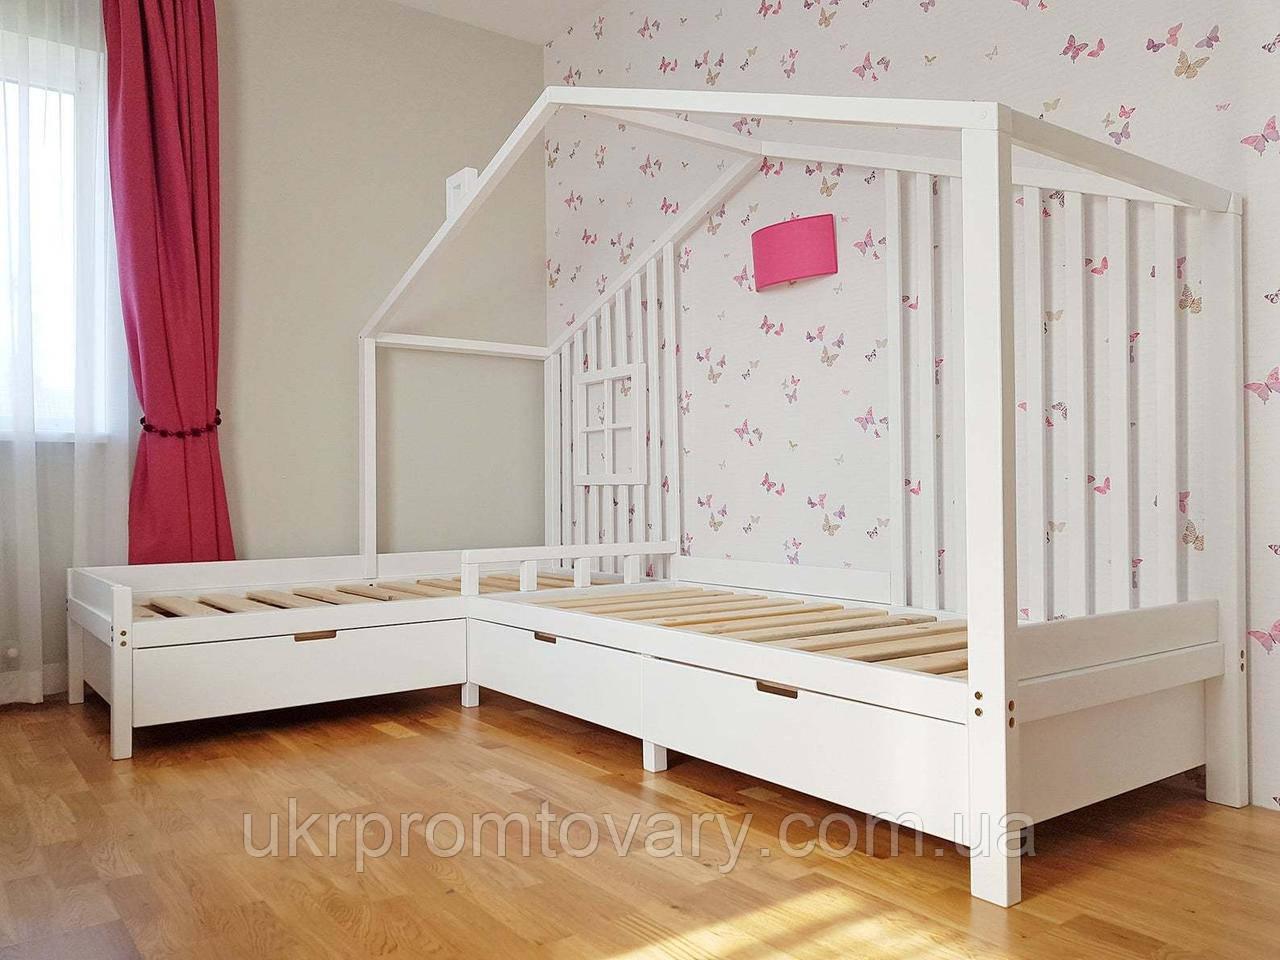 Кровать LOFT DESIGN 64025, НАТУРАЛЬНОЕ ДЕРЕВО, мебель Лофт Производство в Киеве